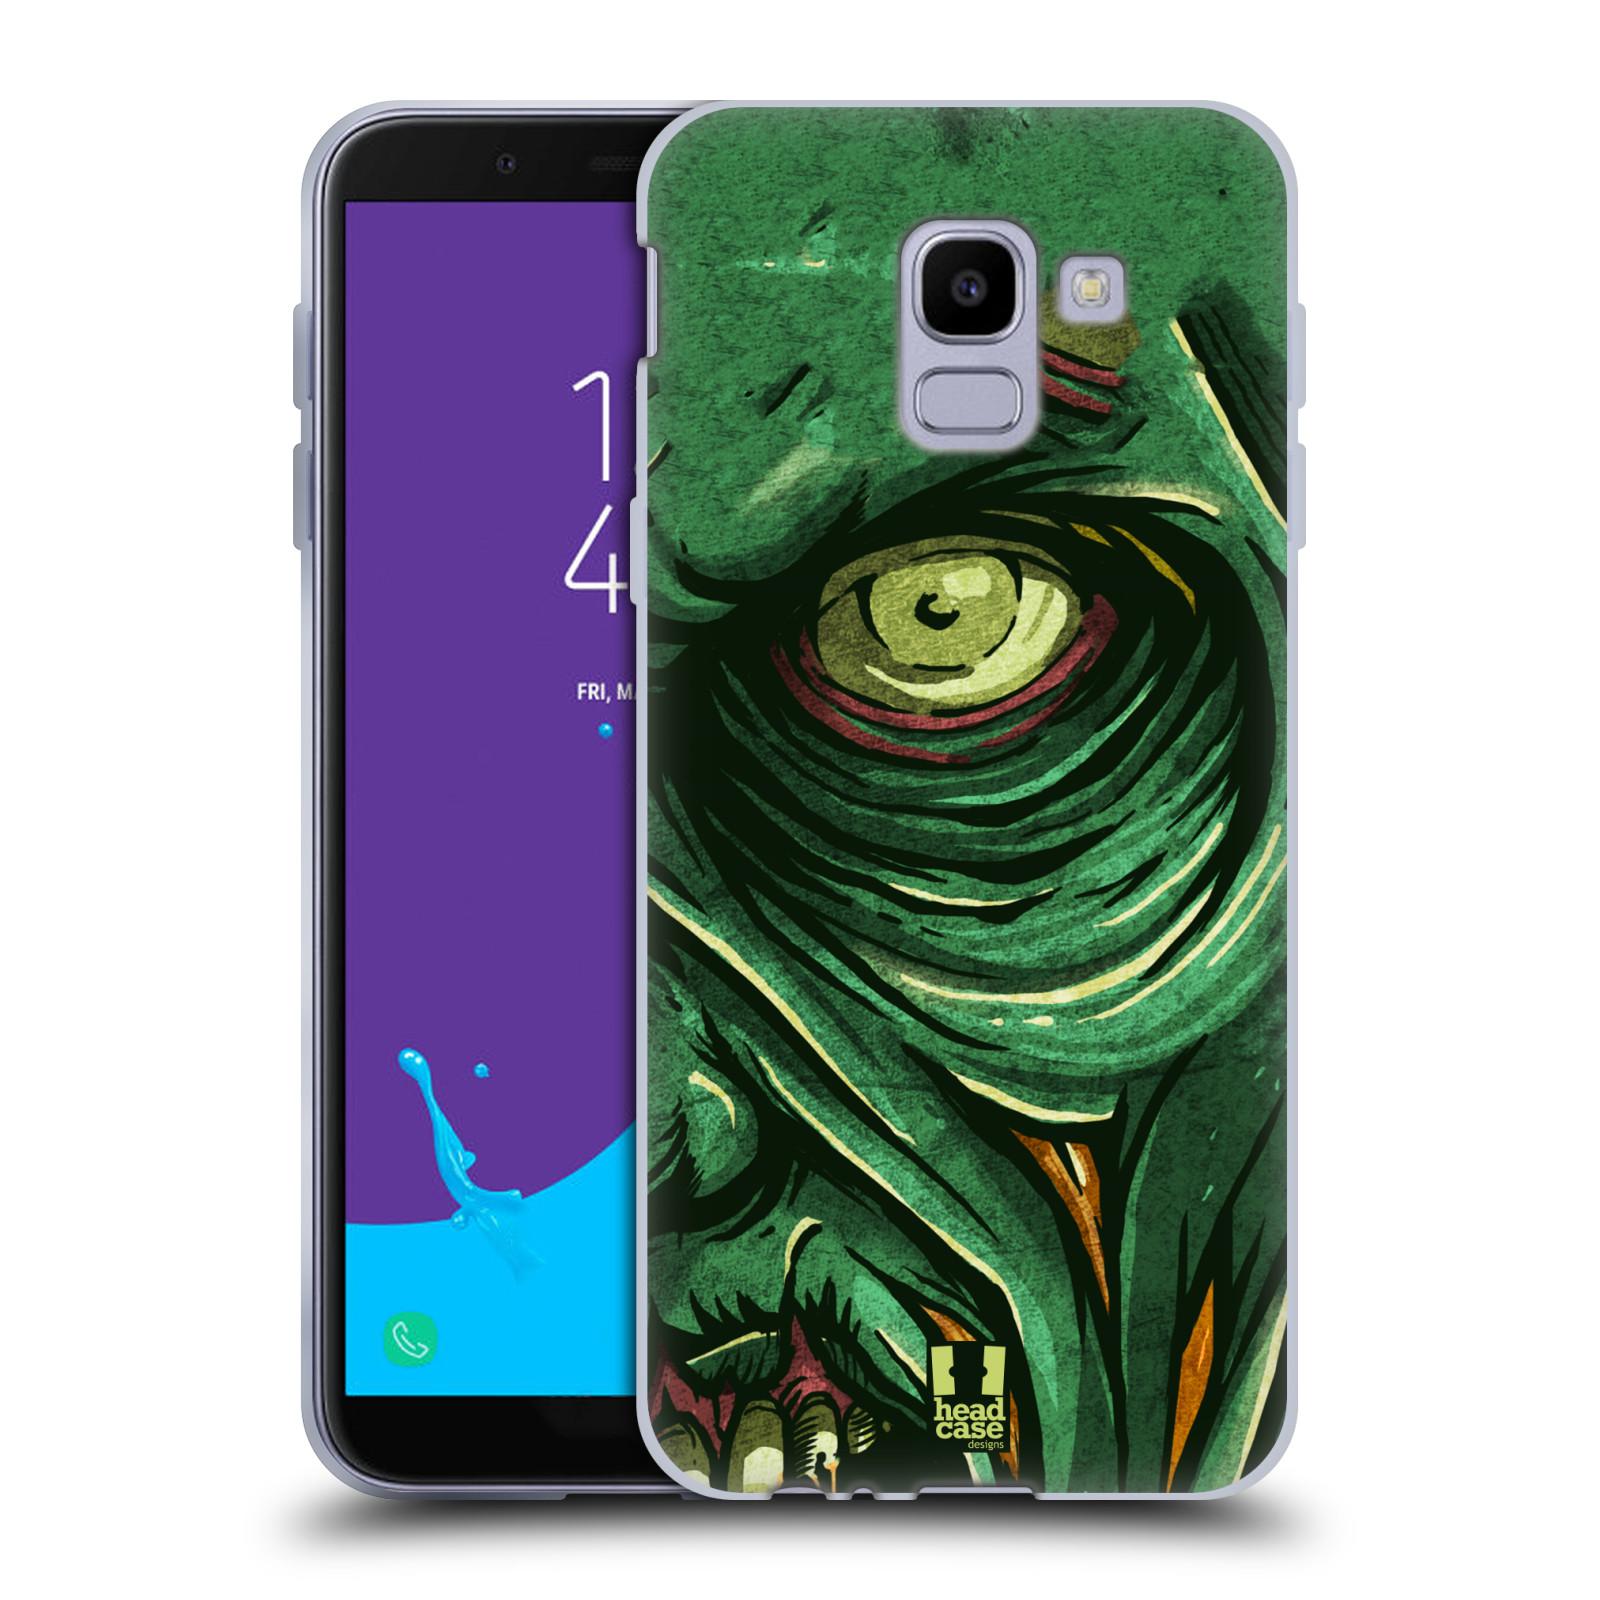 Silikonové pouzdro na mobil Samsung Galaxy J6 (2018) - Head Case - ZOMBIE TVÁŘ